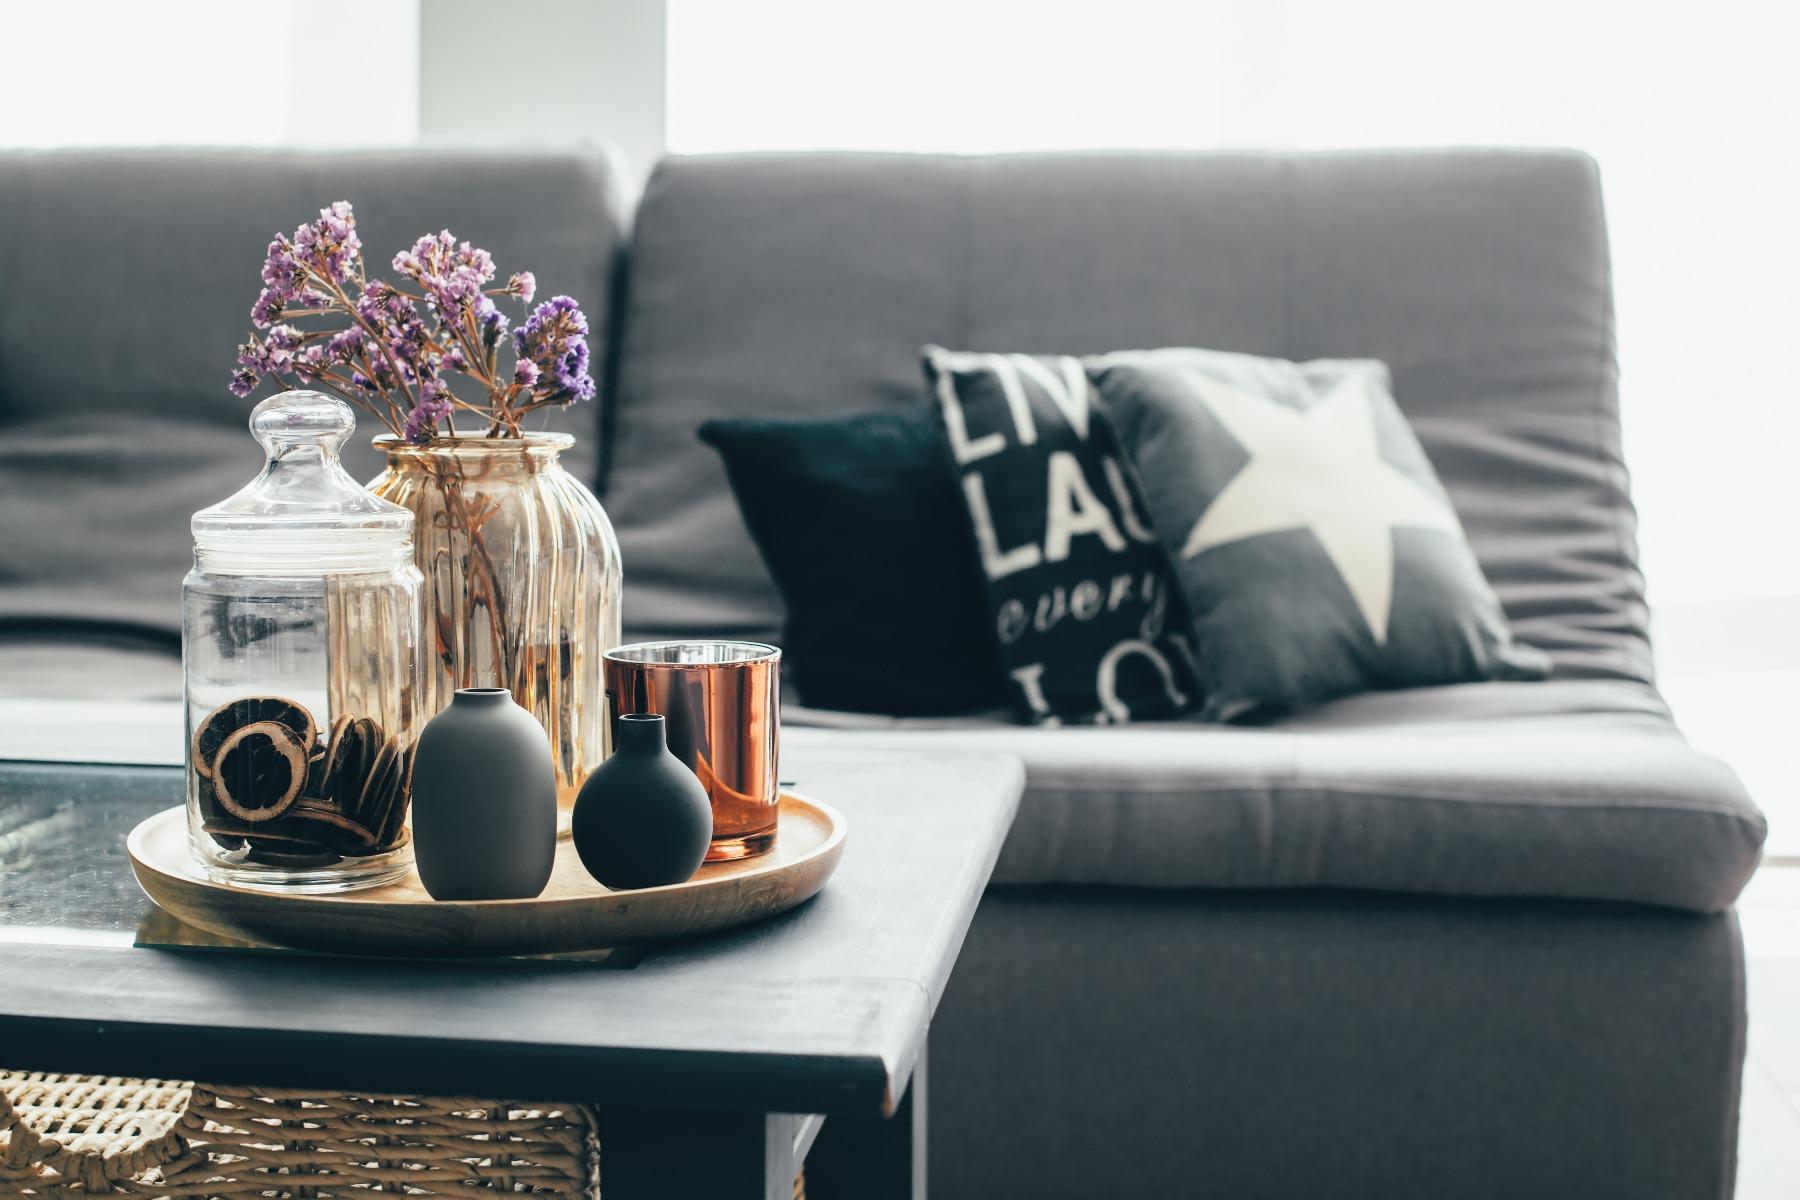 Das Bild zeigt Dekoration auf einem Wohnzimmertisch.